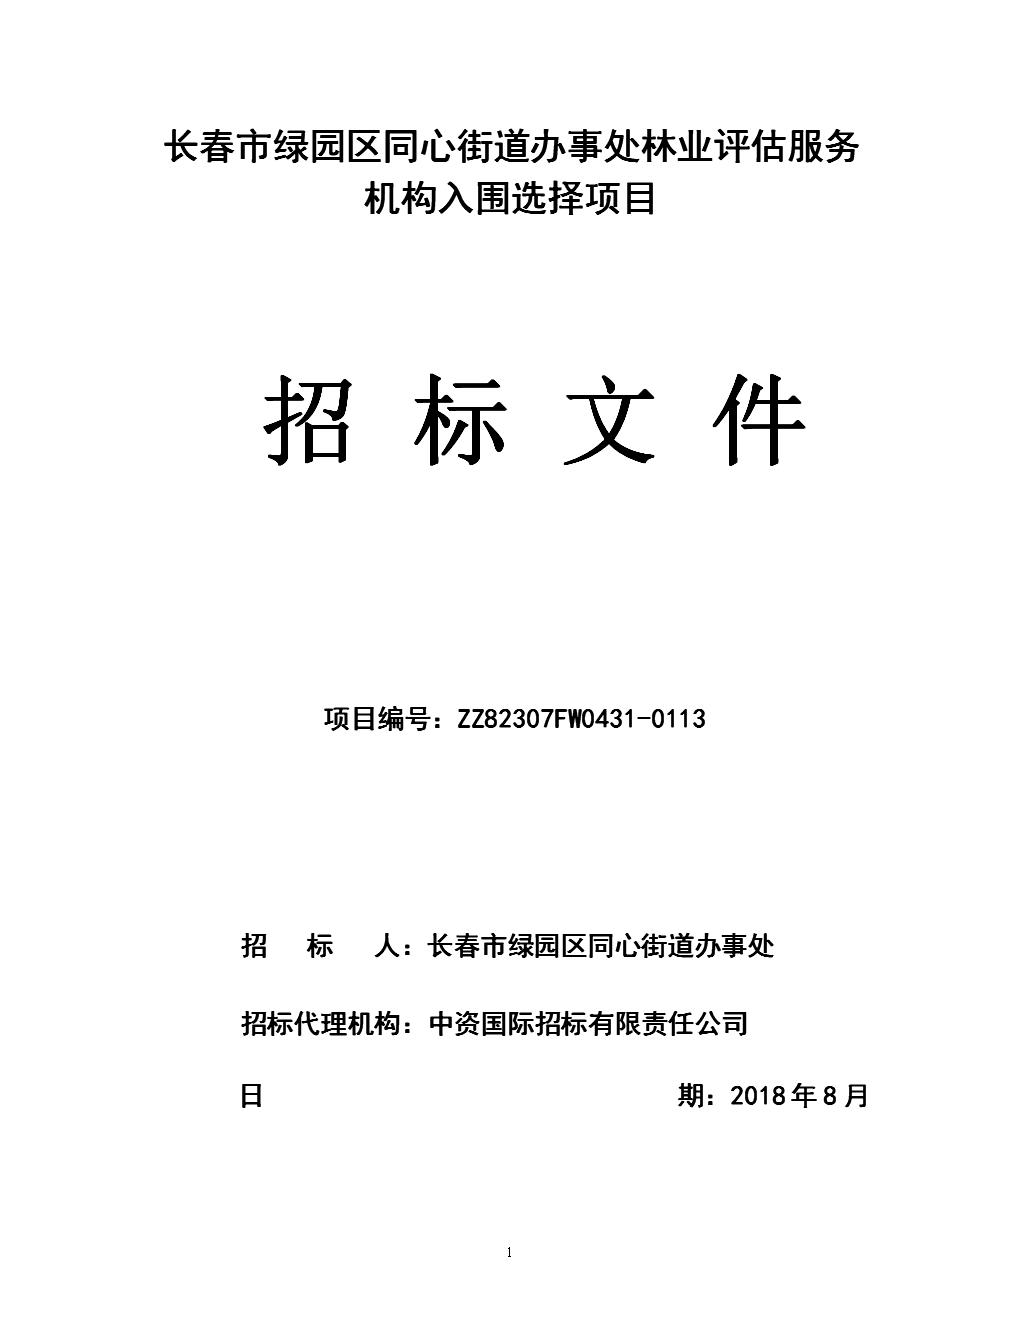 长春绿园区同心街道办事处林业评价服务机构入围选择项目.doc